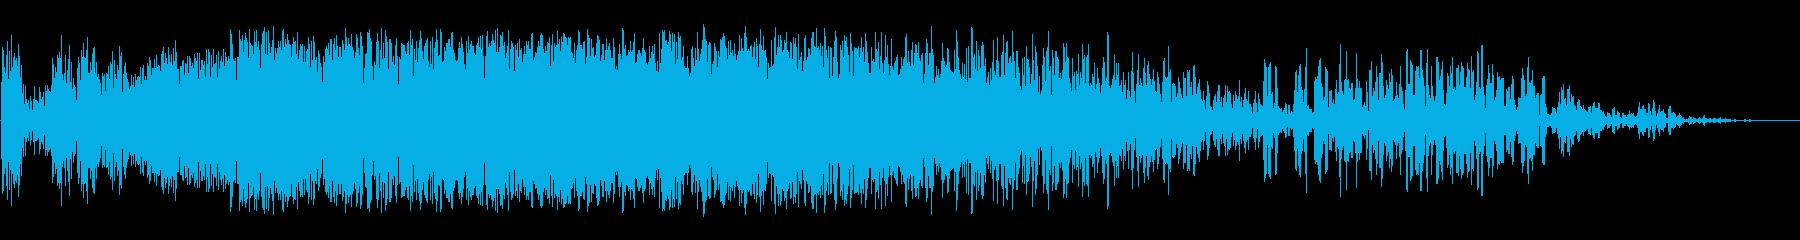 天体イベント2の再生済みの波形